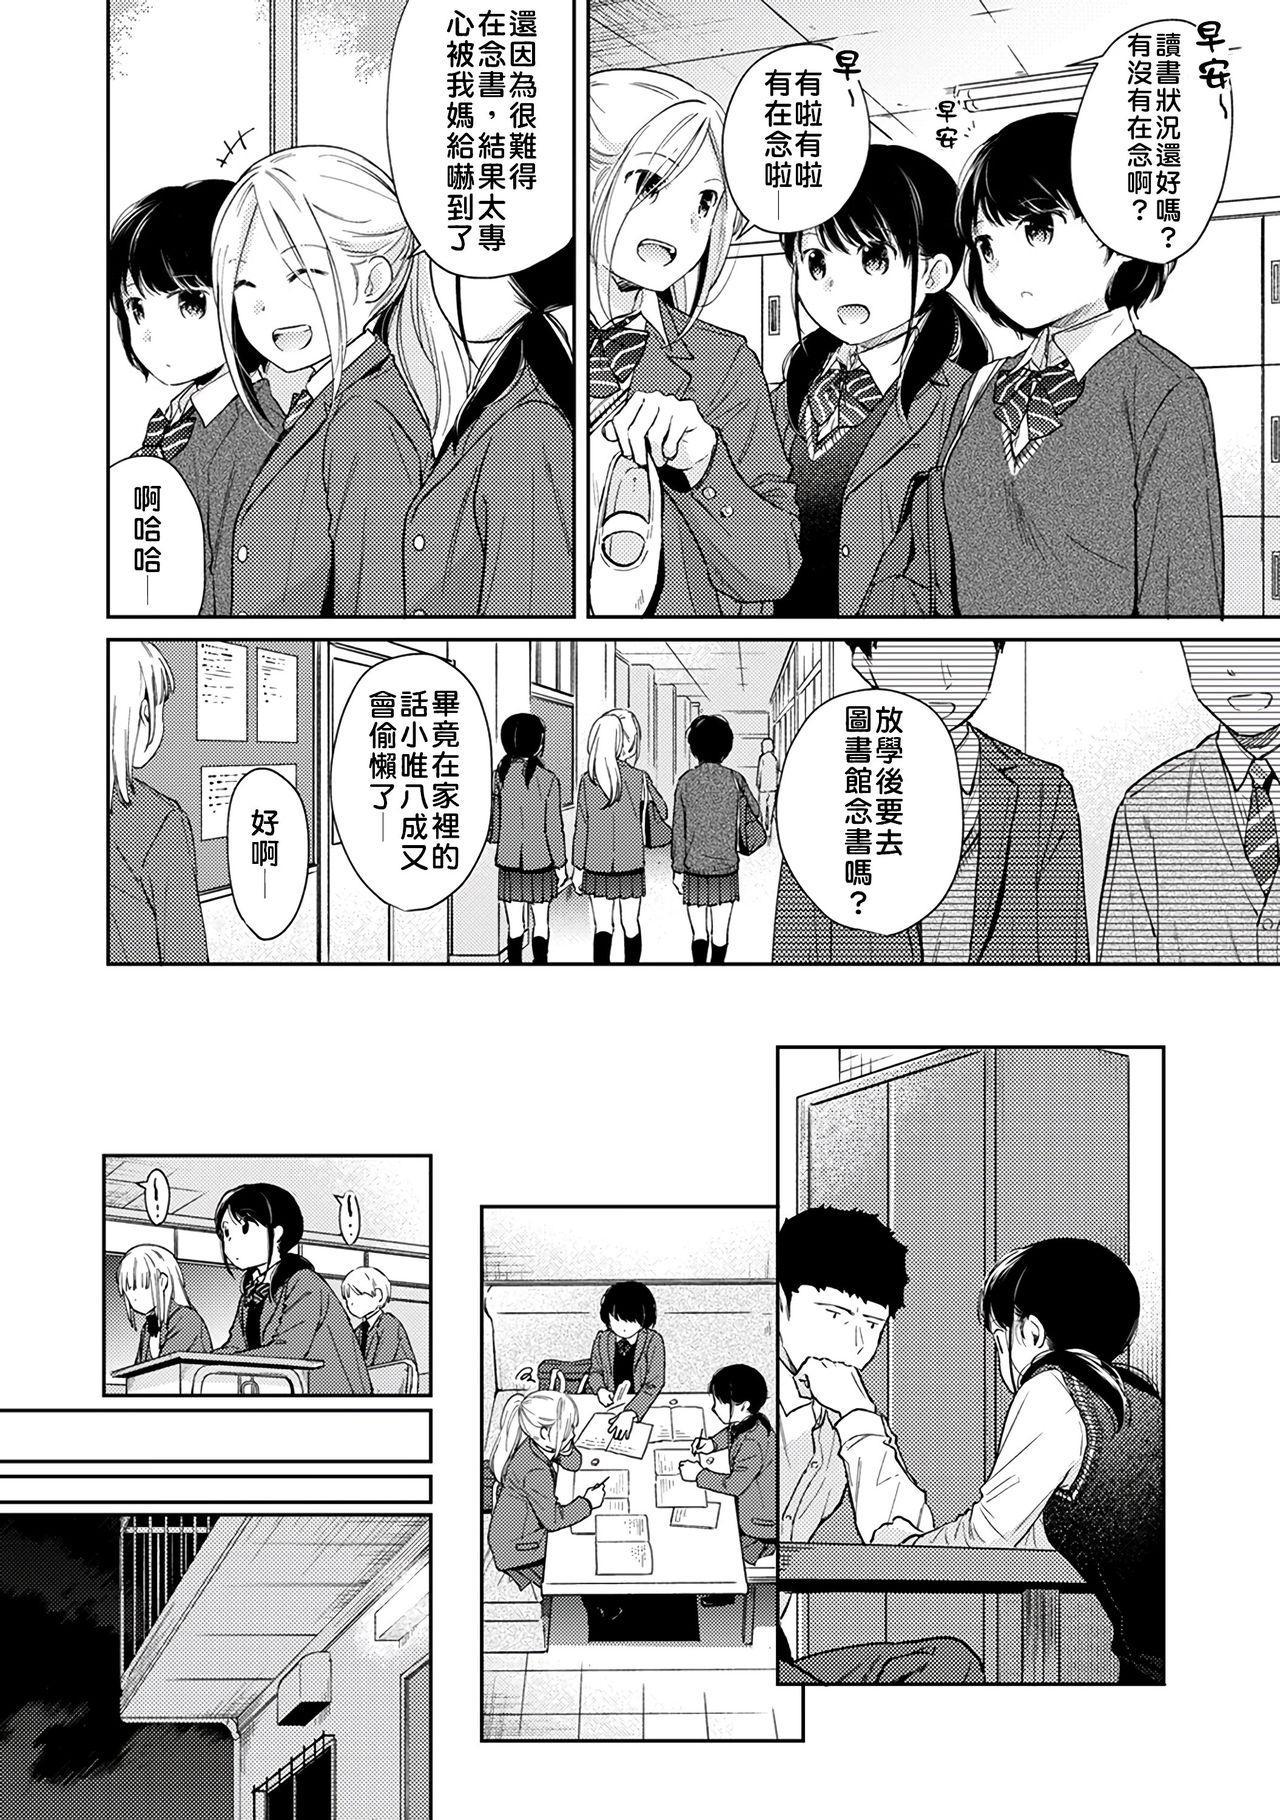 1LDK+JK Ikinari Doukyo? Micchaku!? Hatsu Ecchi!!?   1LDK+JK 突然間展開同居? 極度貼近!?初體驗!? Ch. 18-22 124